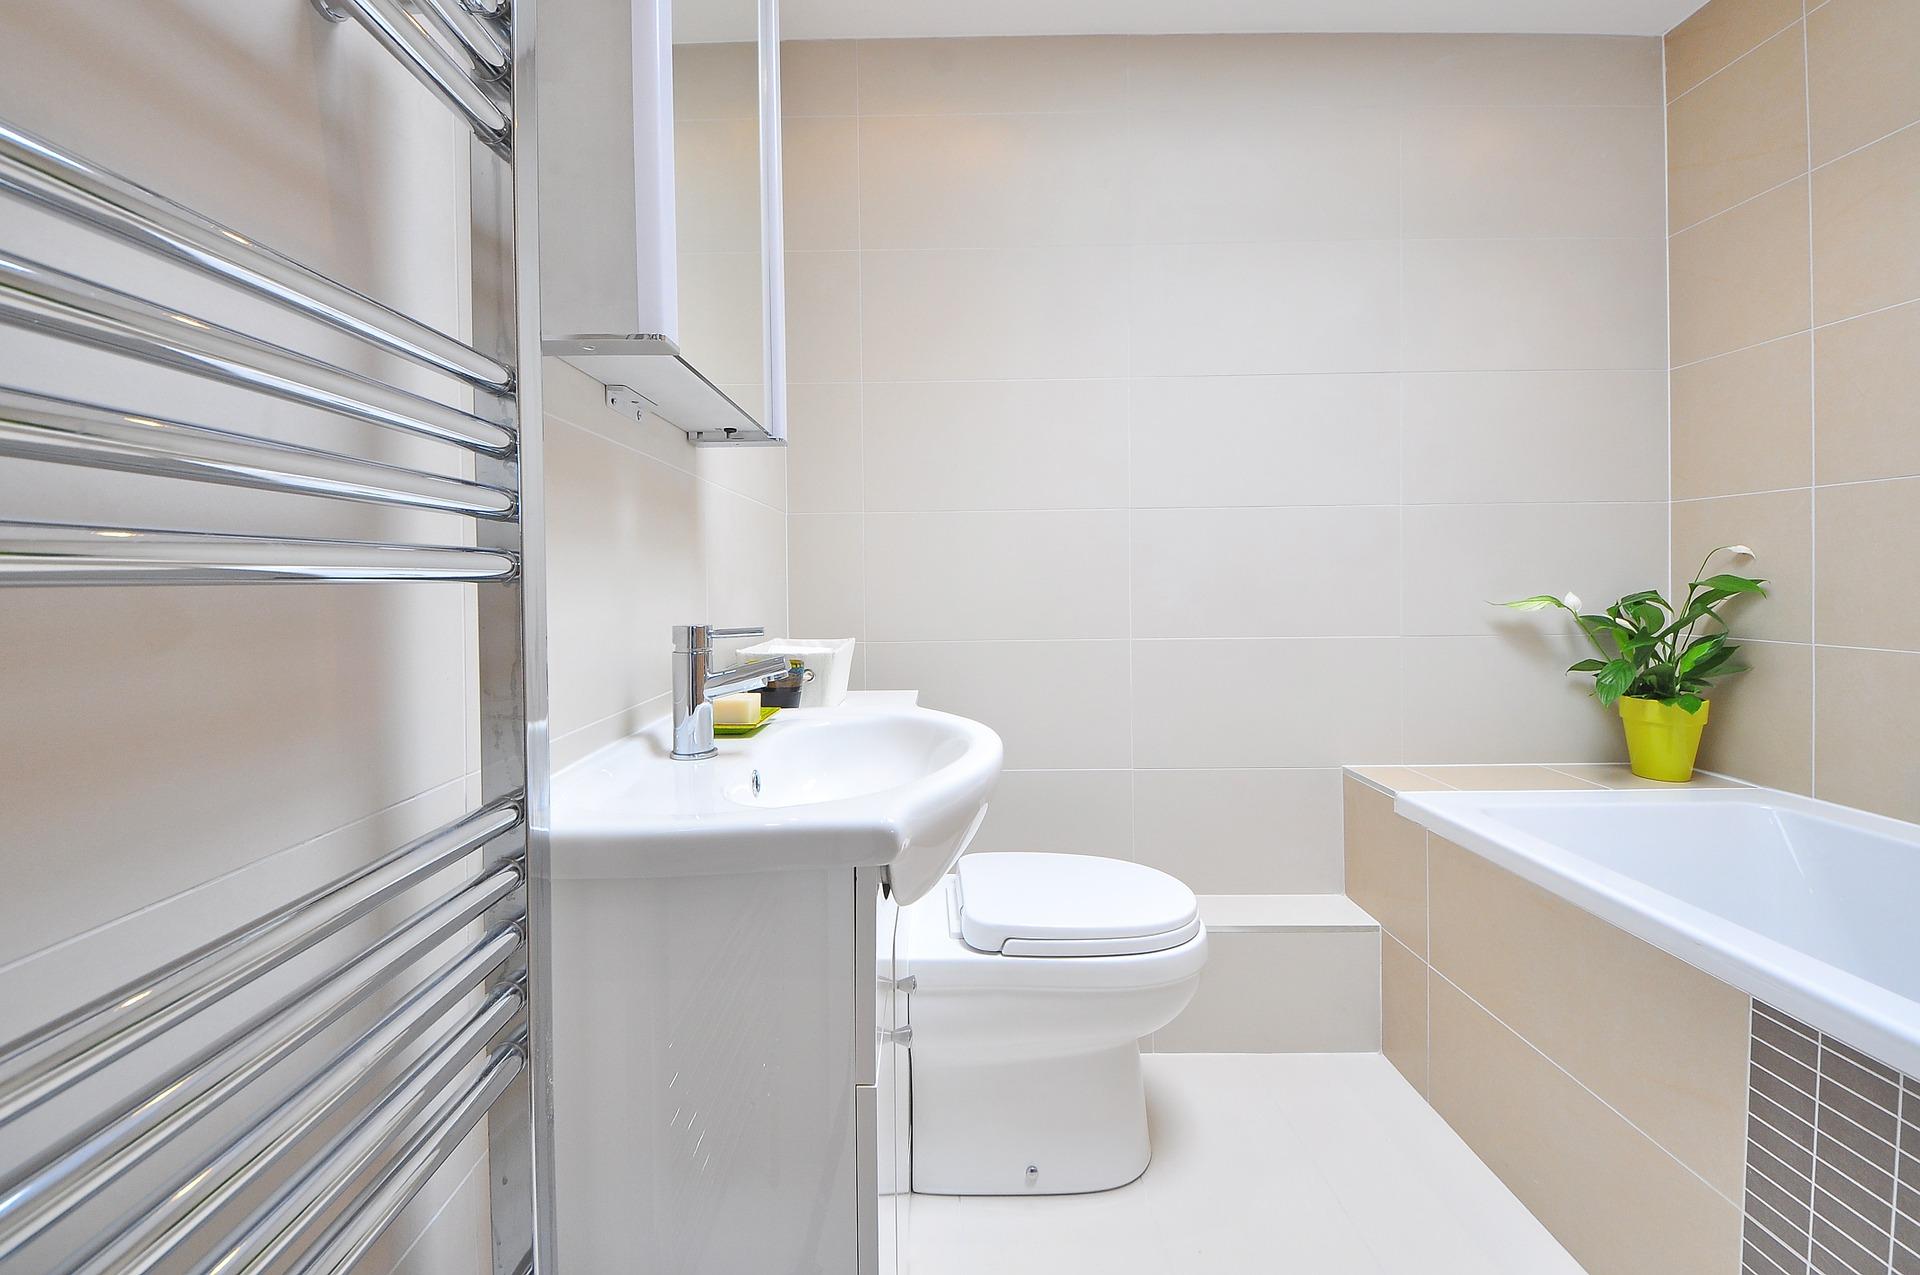 Badezimmer putzen  Putztipps - Tipps und Hilfe  Putzen.net